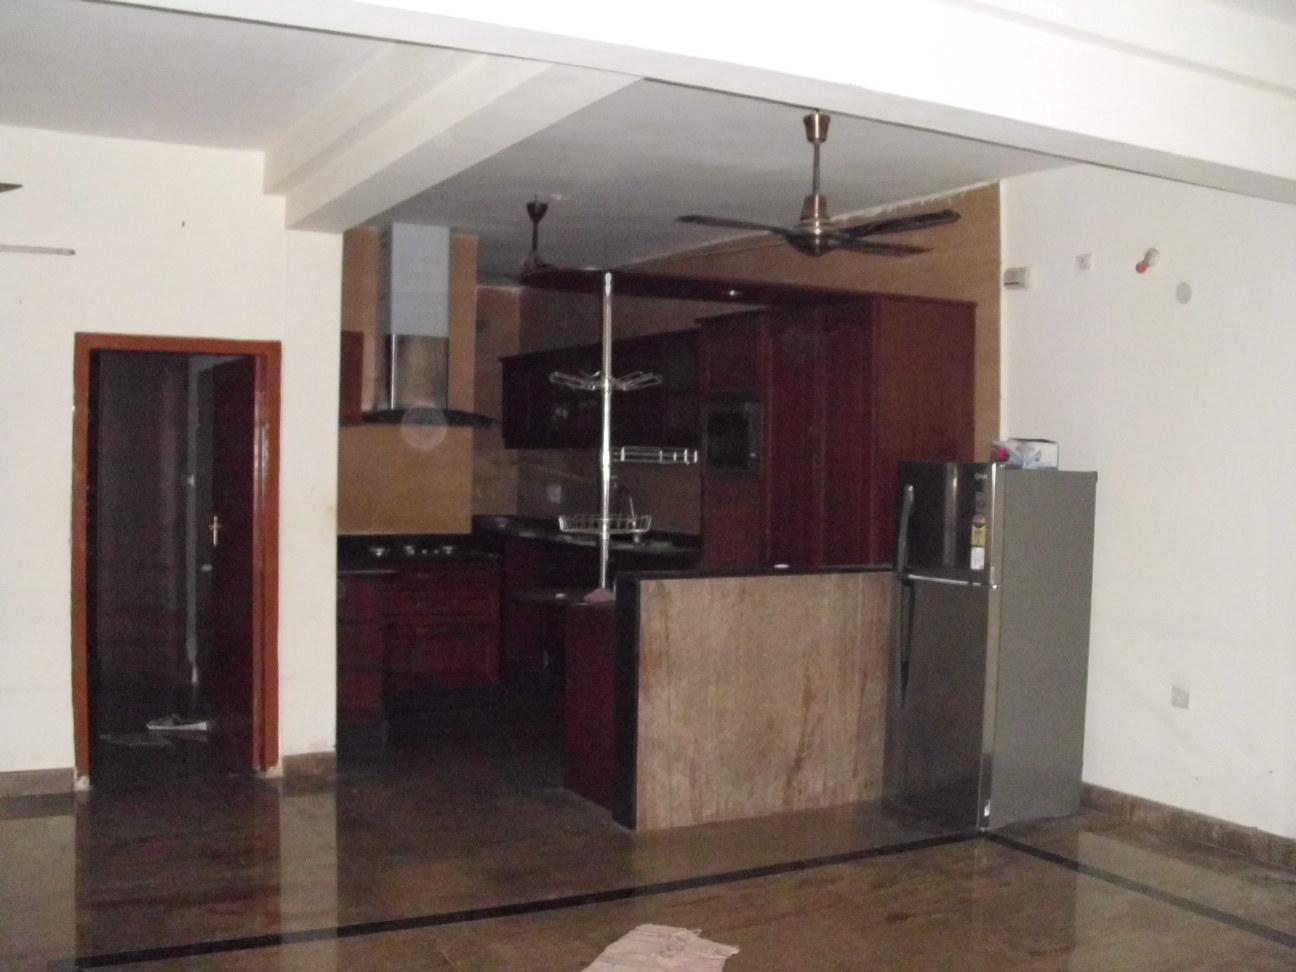 3 Bhk 1900 Sq Ft Duplex For Rent Karapakkam Omr Chennai